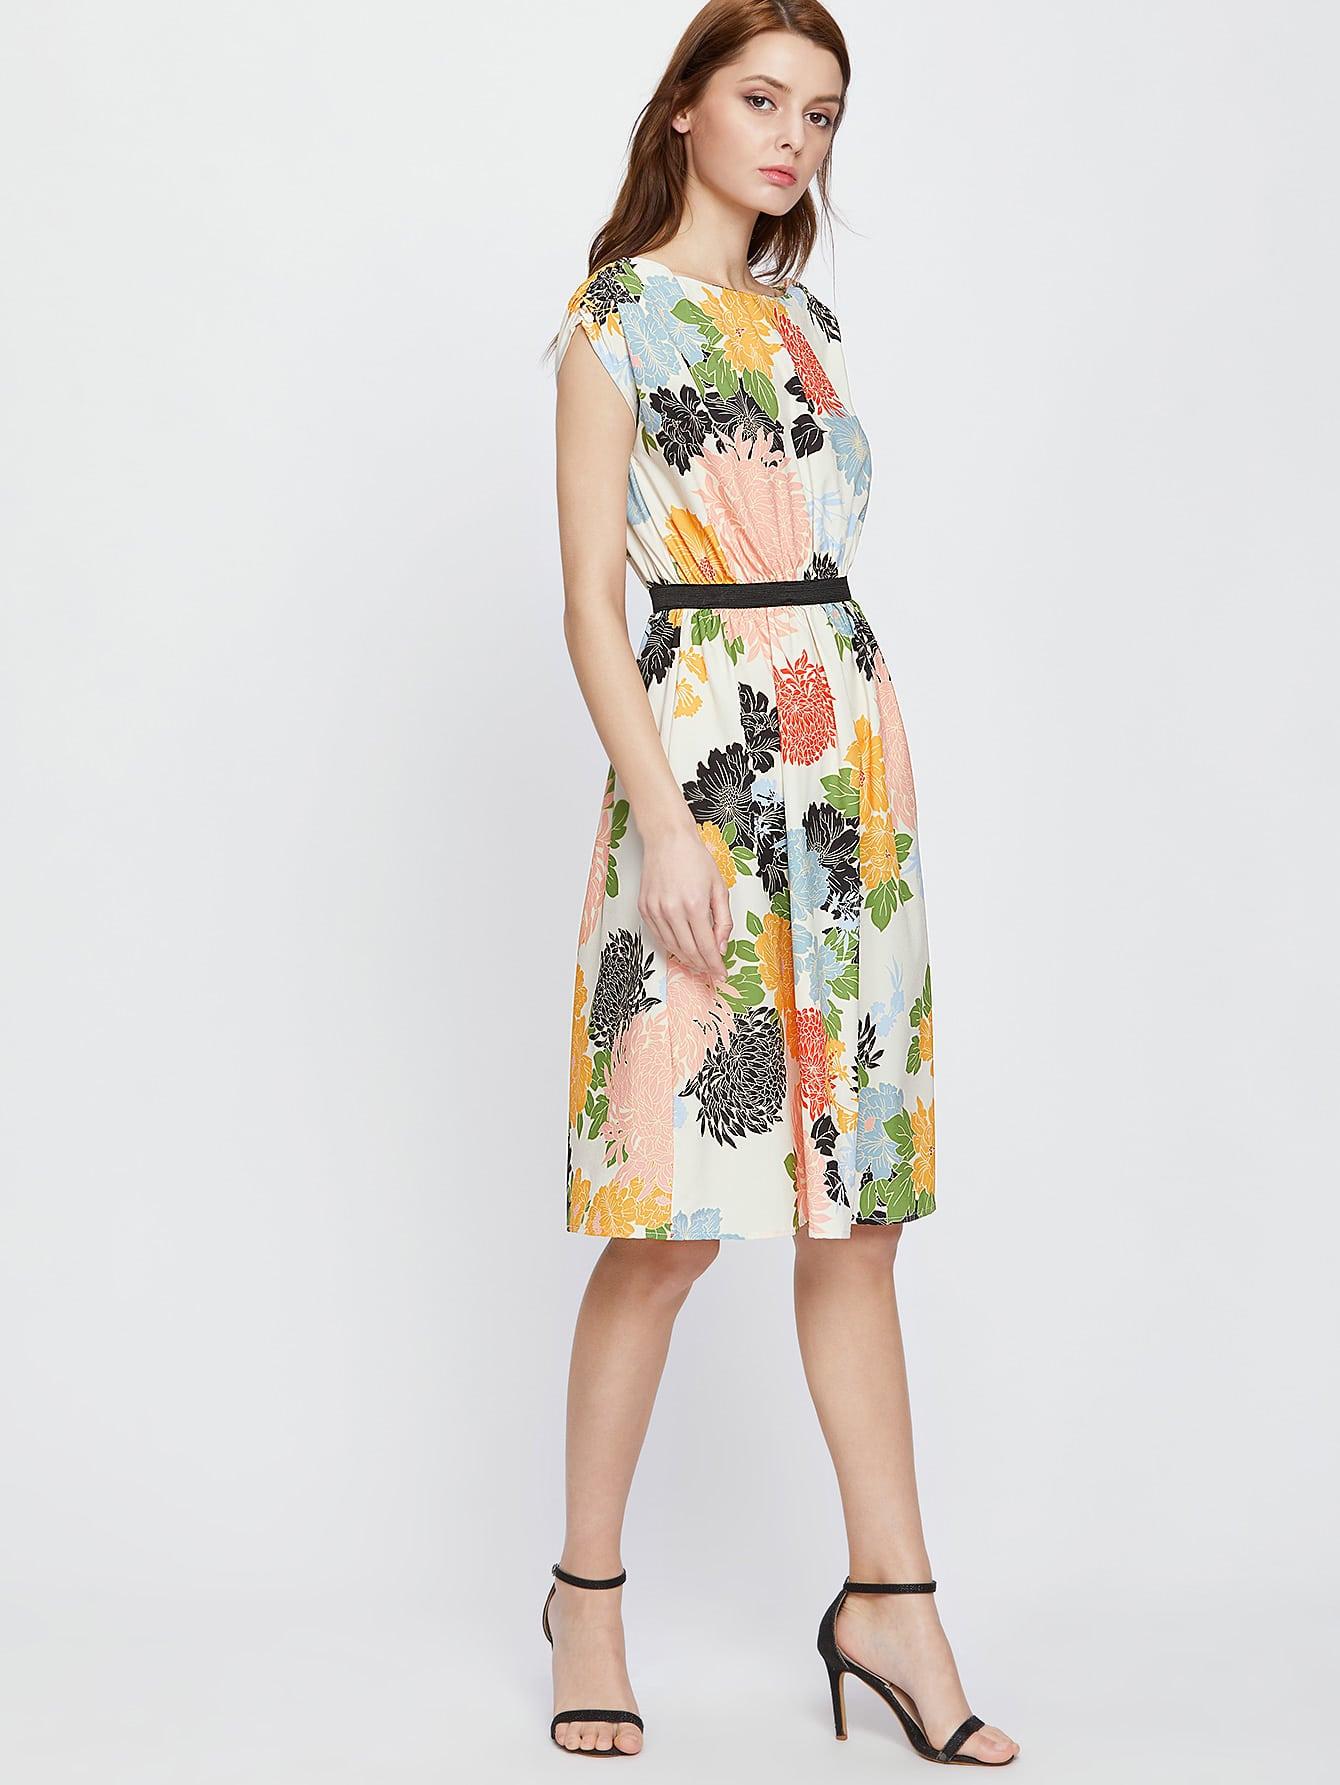 dress170320201_2